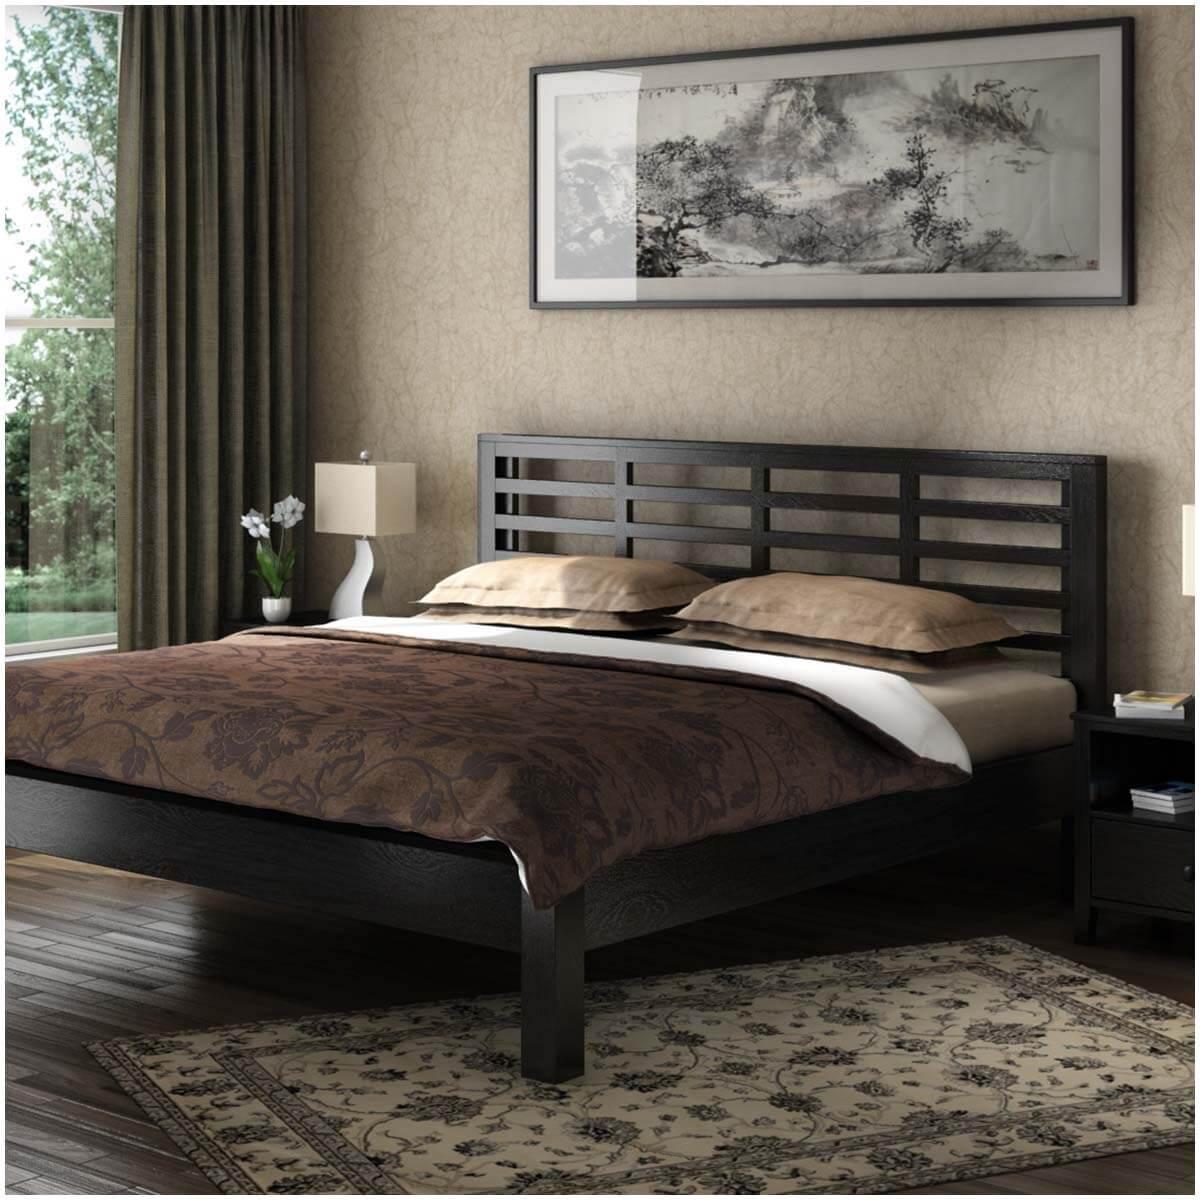 modern midnight california king size platform bed frame. Black Bedroom Furniture Sets. Home Design Ideas